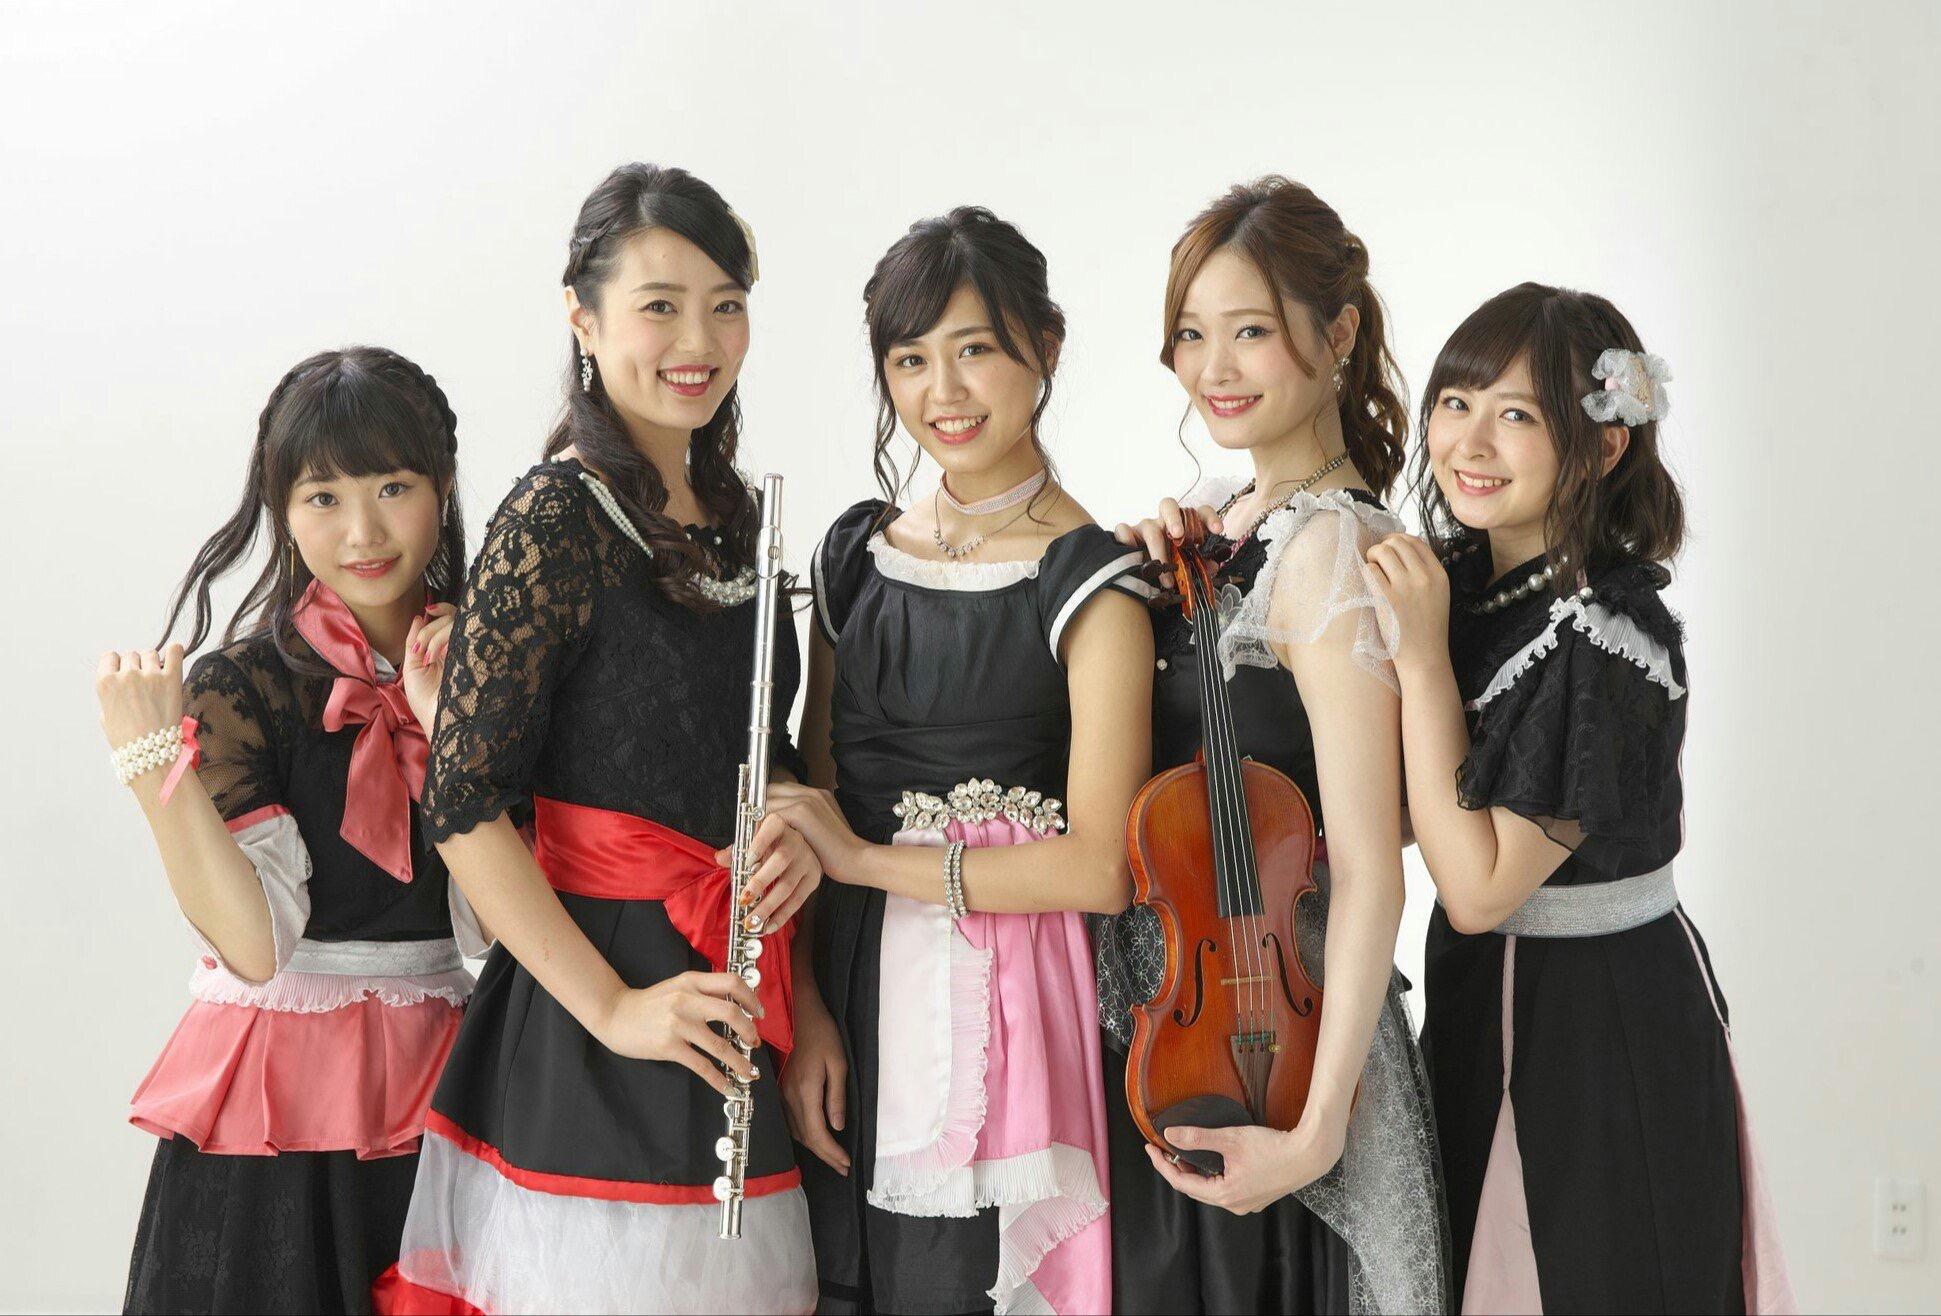 【4/14(日)】RY's・RIO卒業公演FINAL・1日通し券